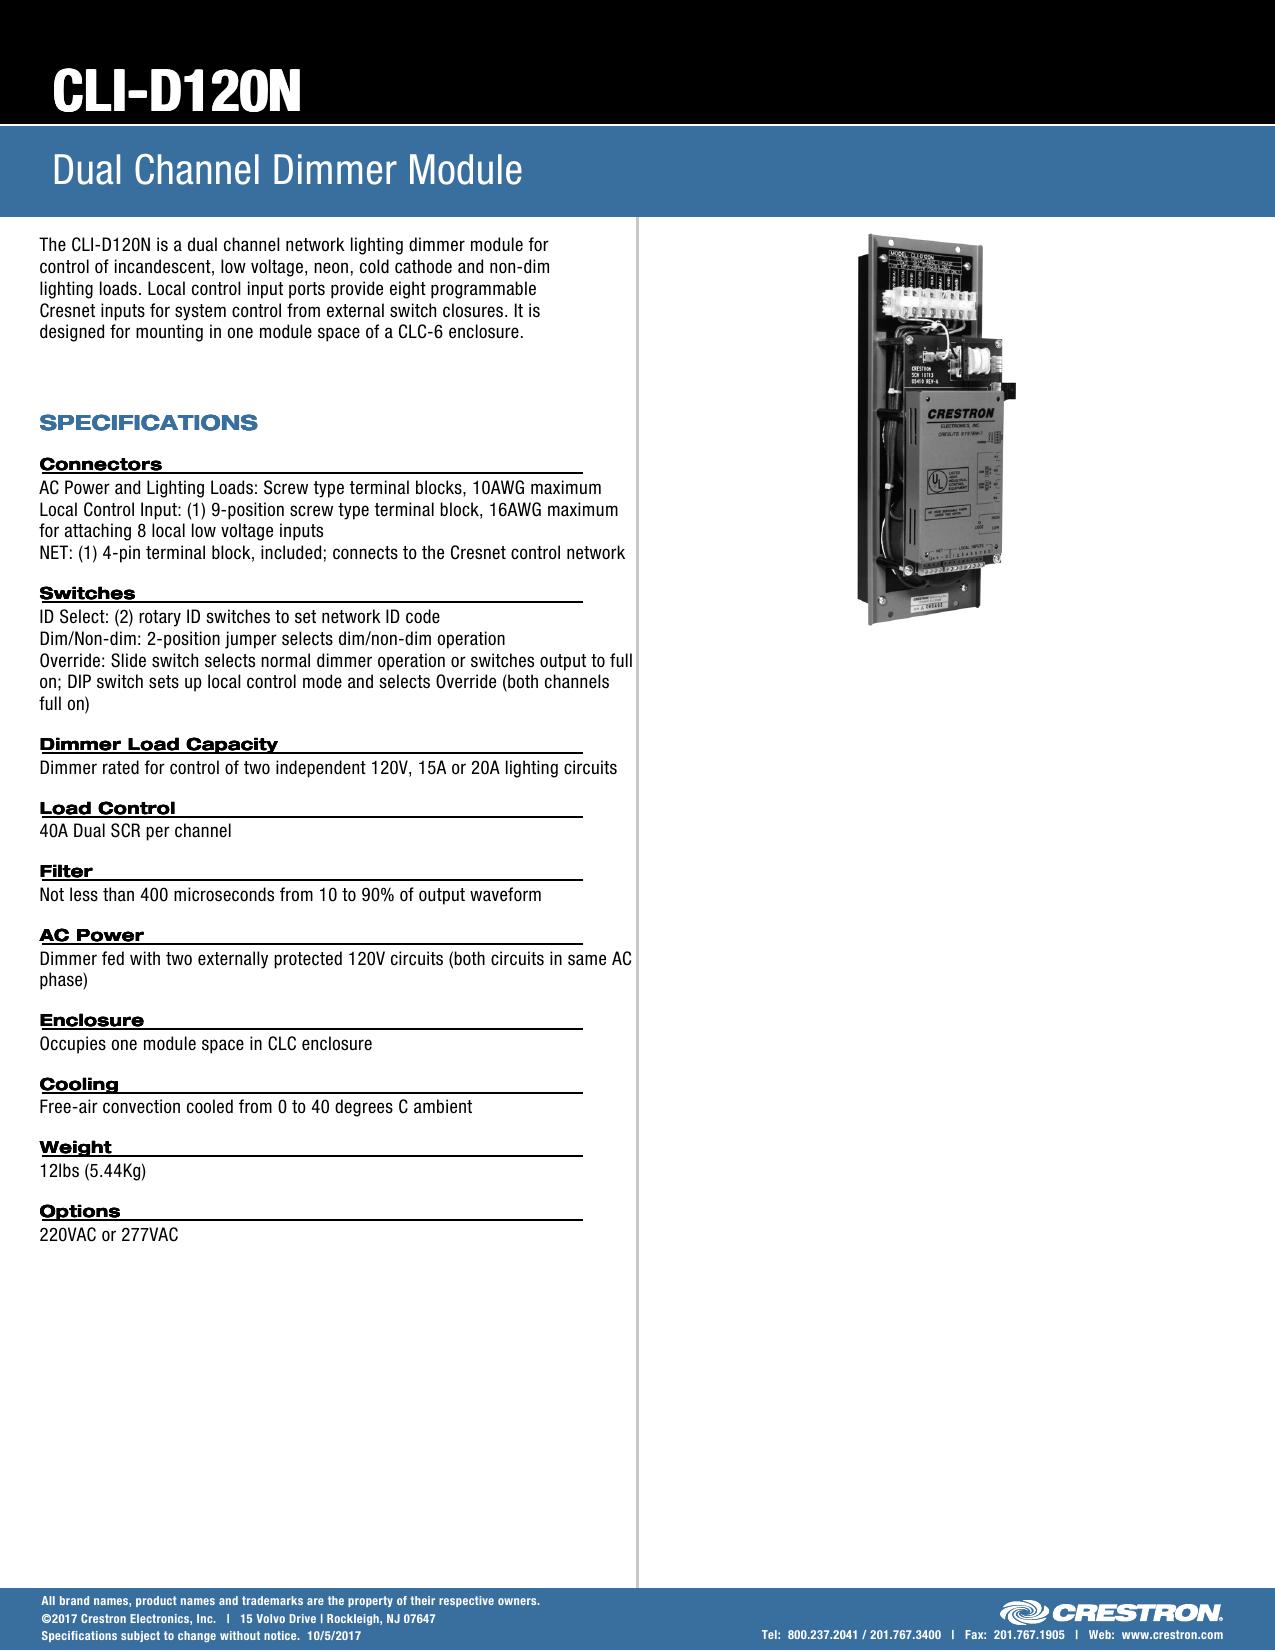 Spec Sheet: CLI-D120N - Dual Channel Dimmer Module